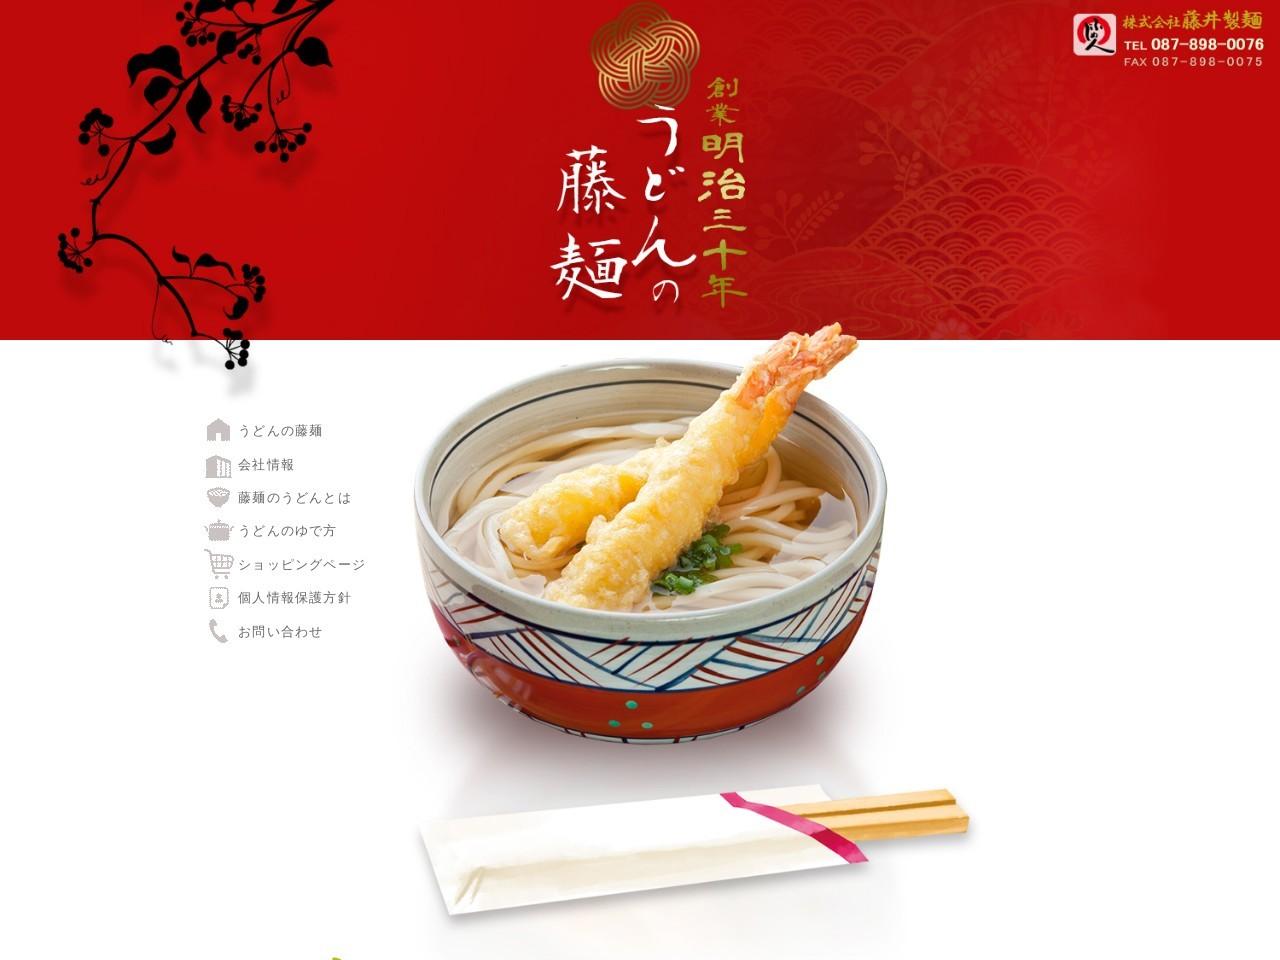 うどんの藤麺(ふじめん) 本場さぬきの麺をぜひどうぞ|株式会社藤井製麺